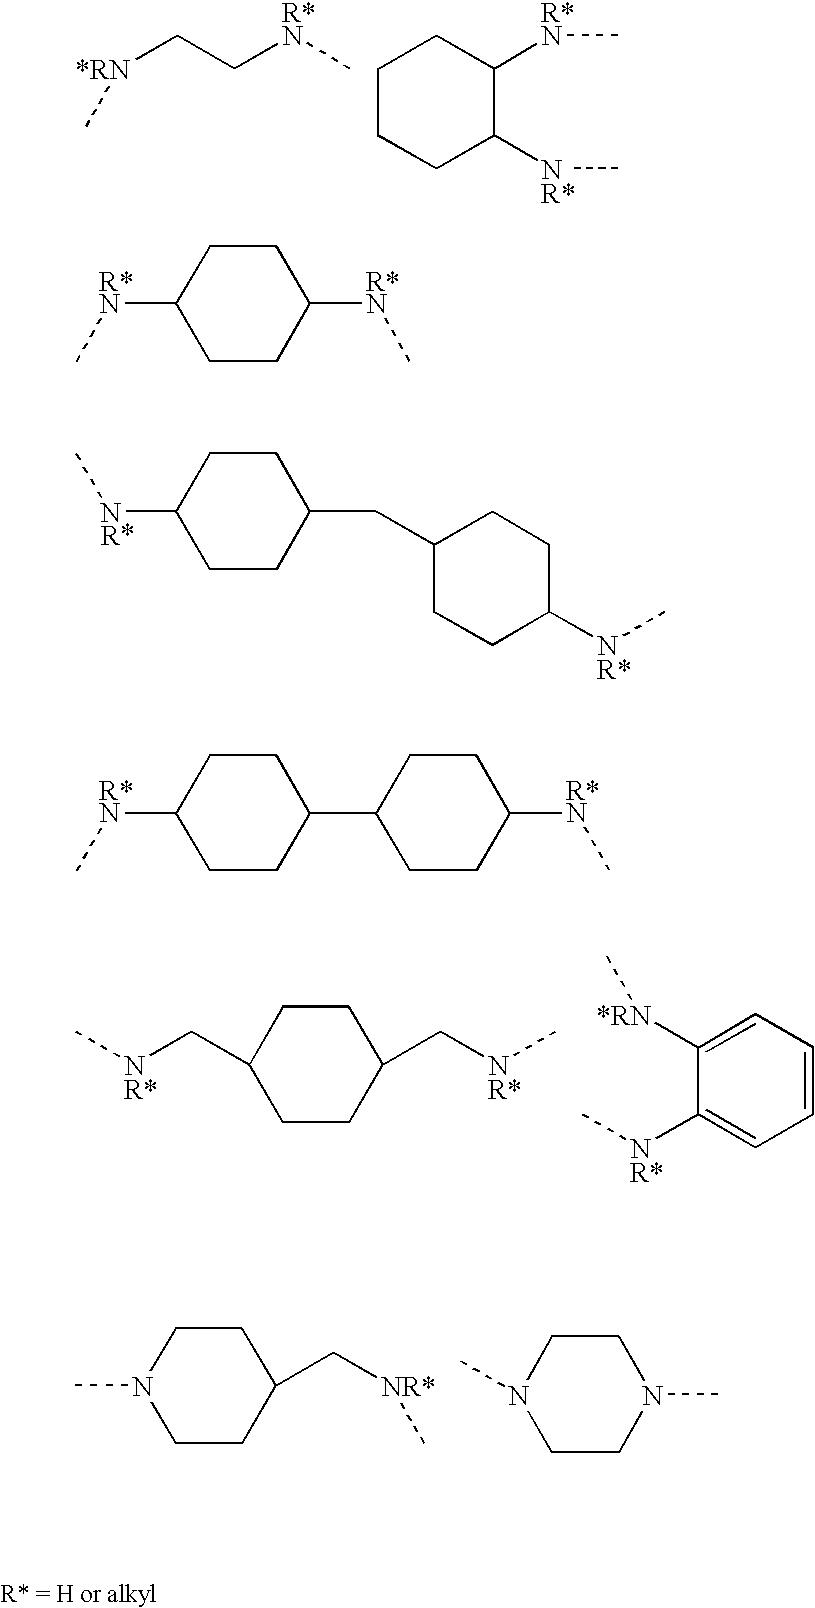 Figure US20060228557A1-20061012-C00003